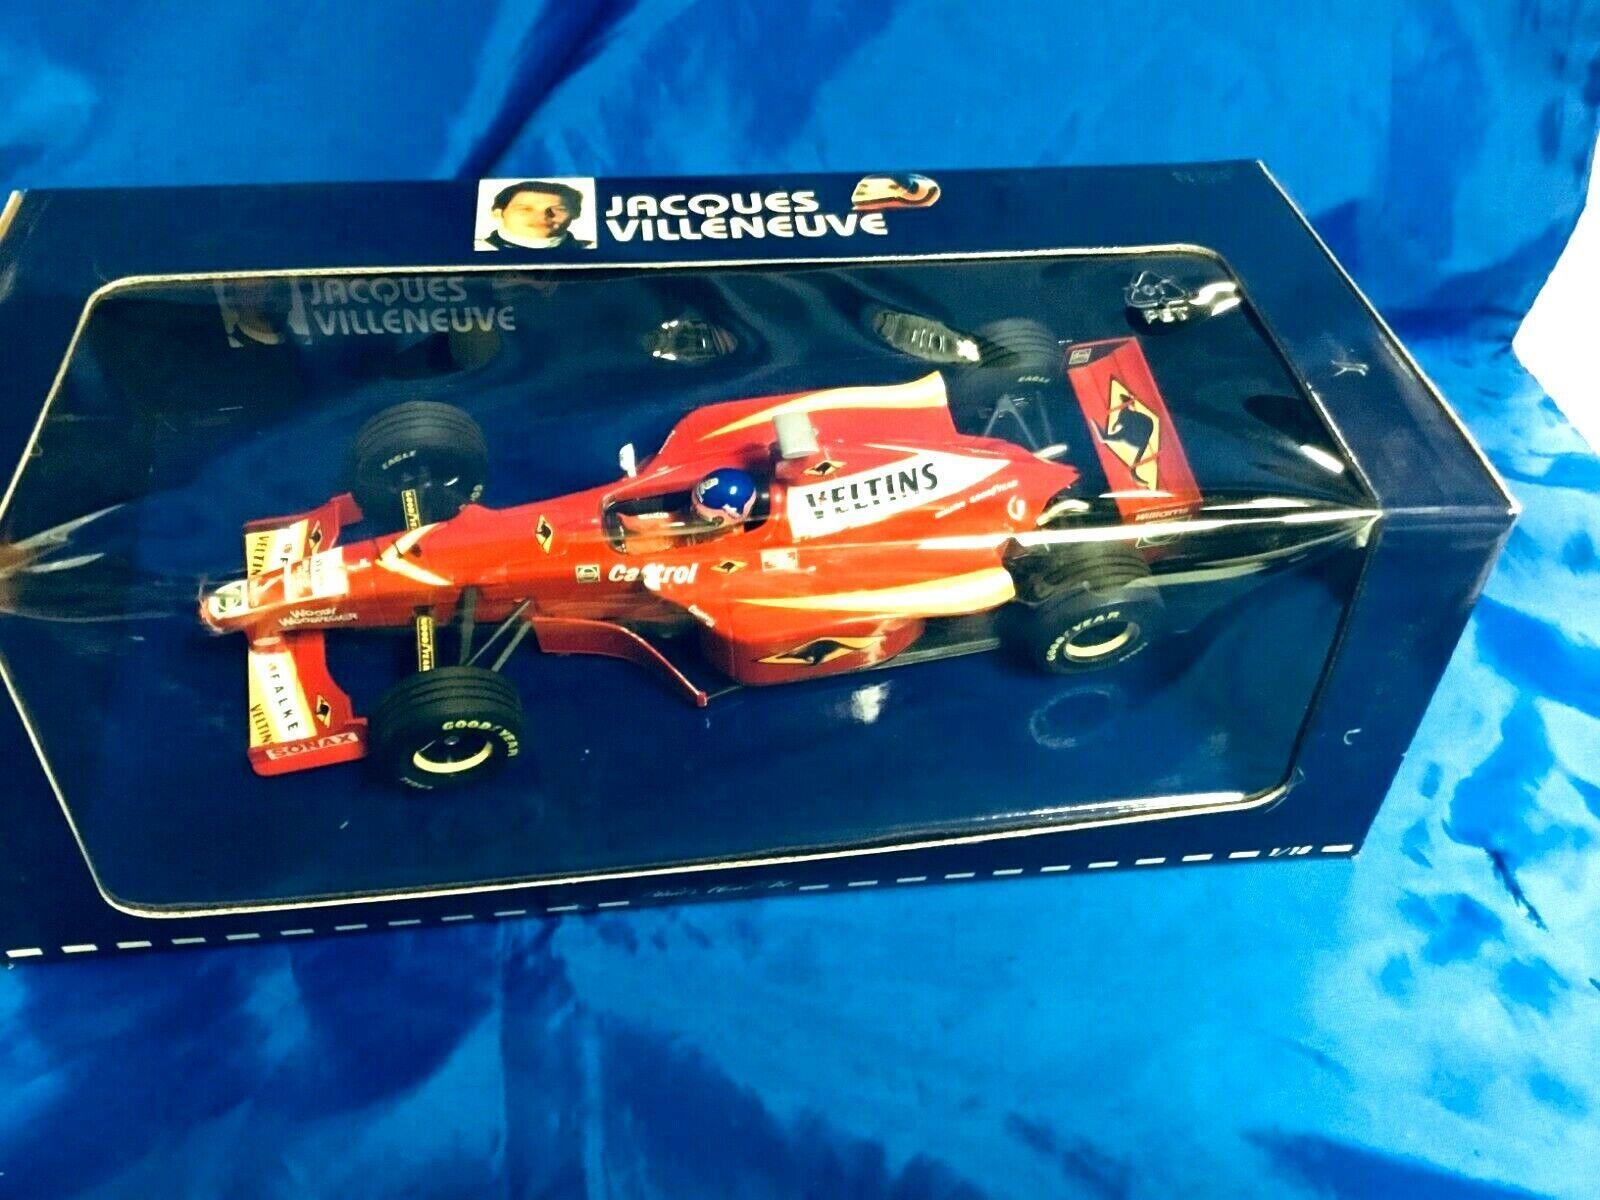 MINICHAMPS PMA Jacques Villeneuve 1 18 Williams Renault MECACHROME FW20 NIB